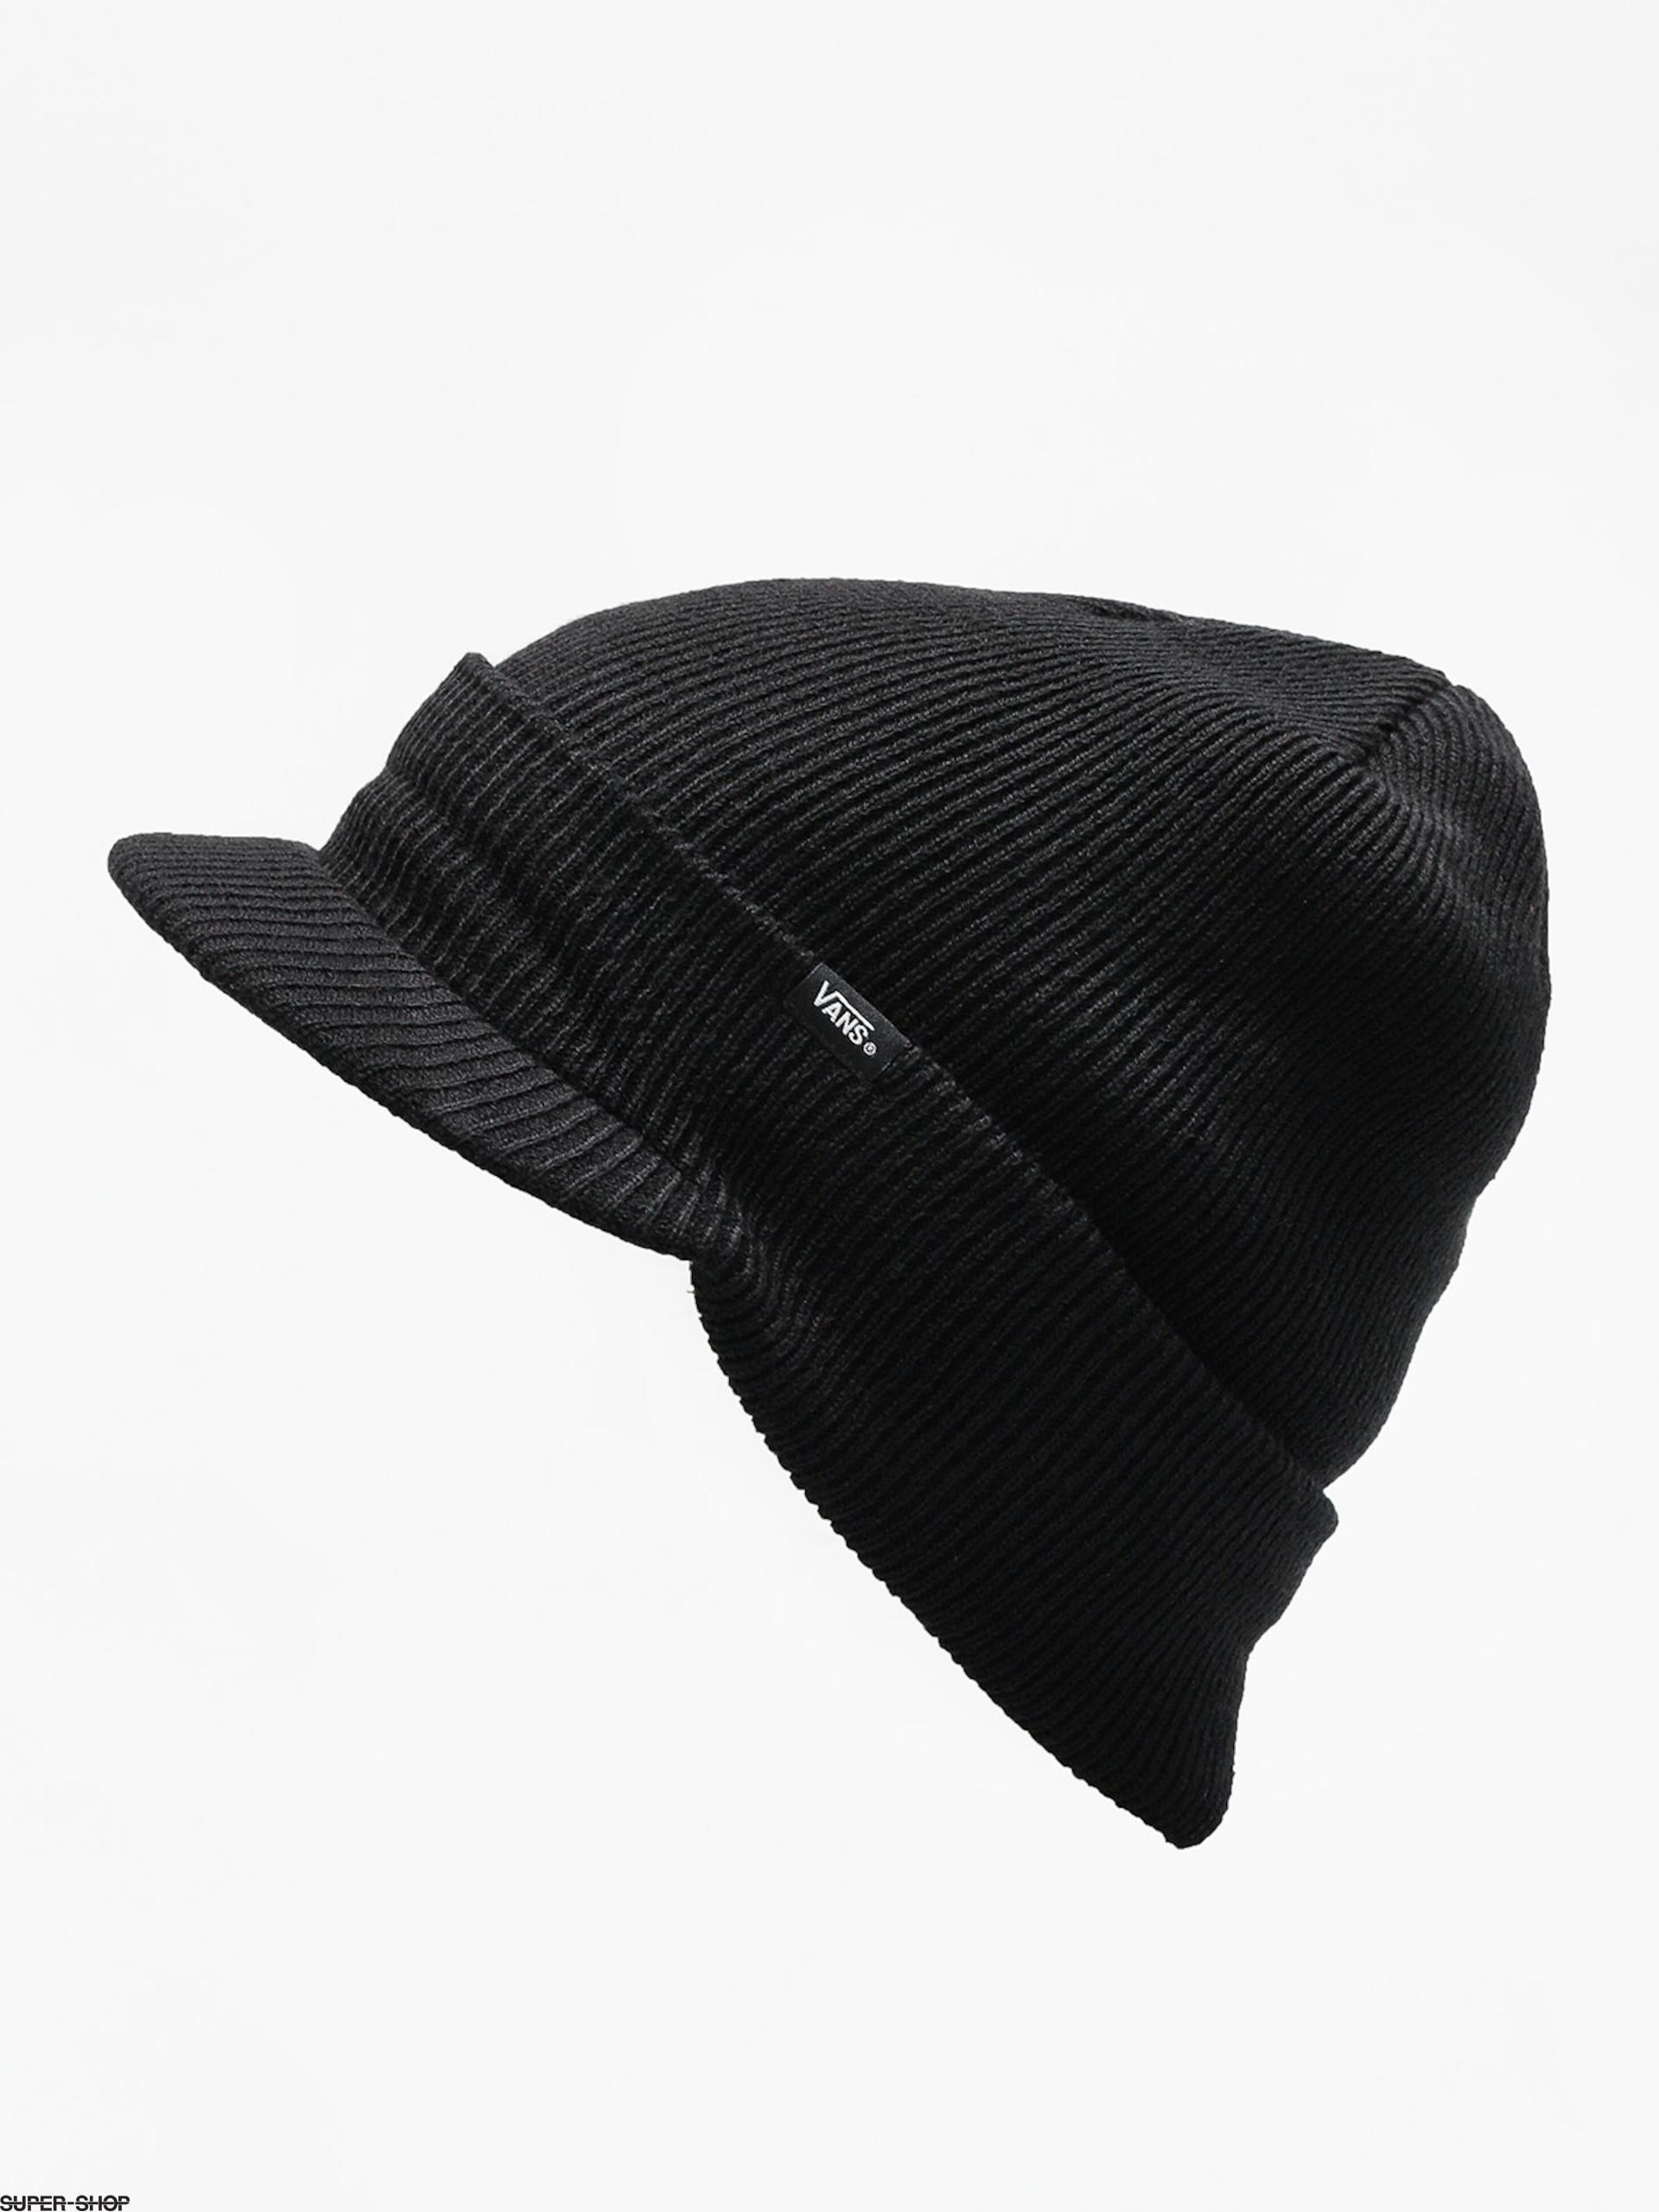 Vans Beanie Visor Cuff (black) 972a3a2d5b2c